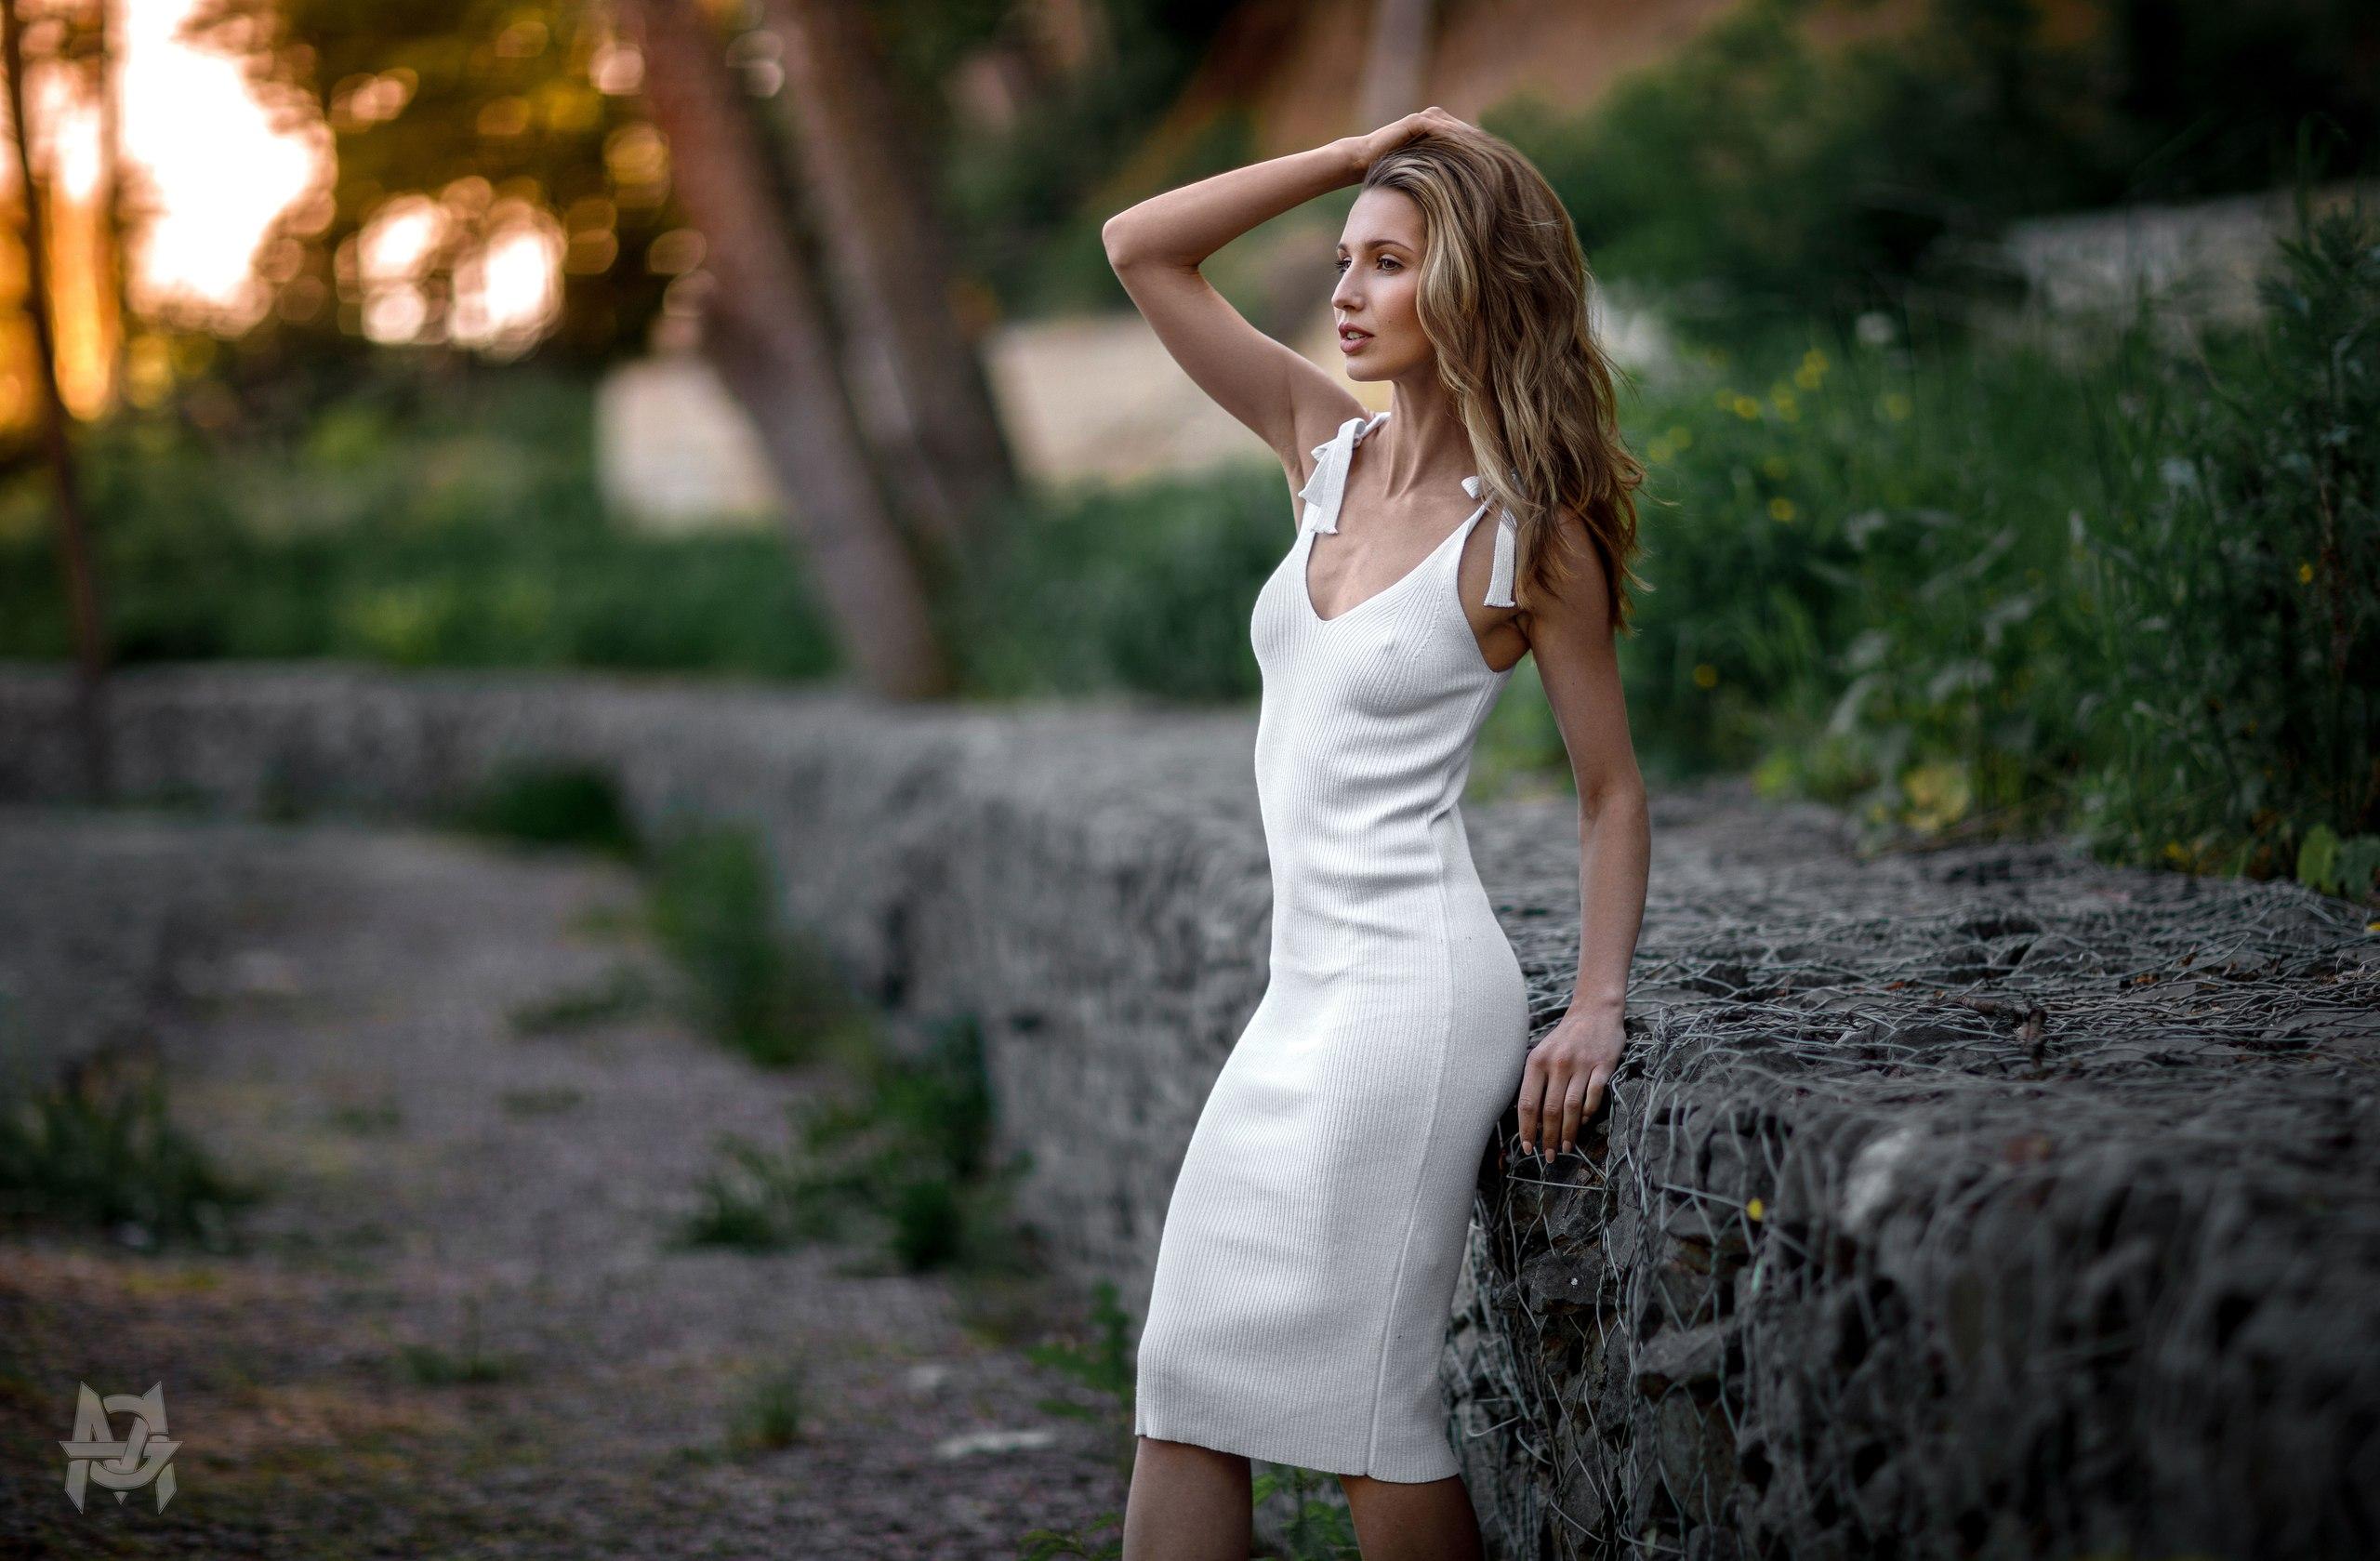 blondinka-yulya-foto